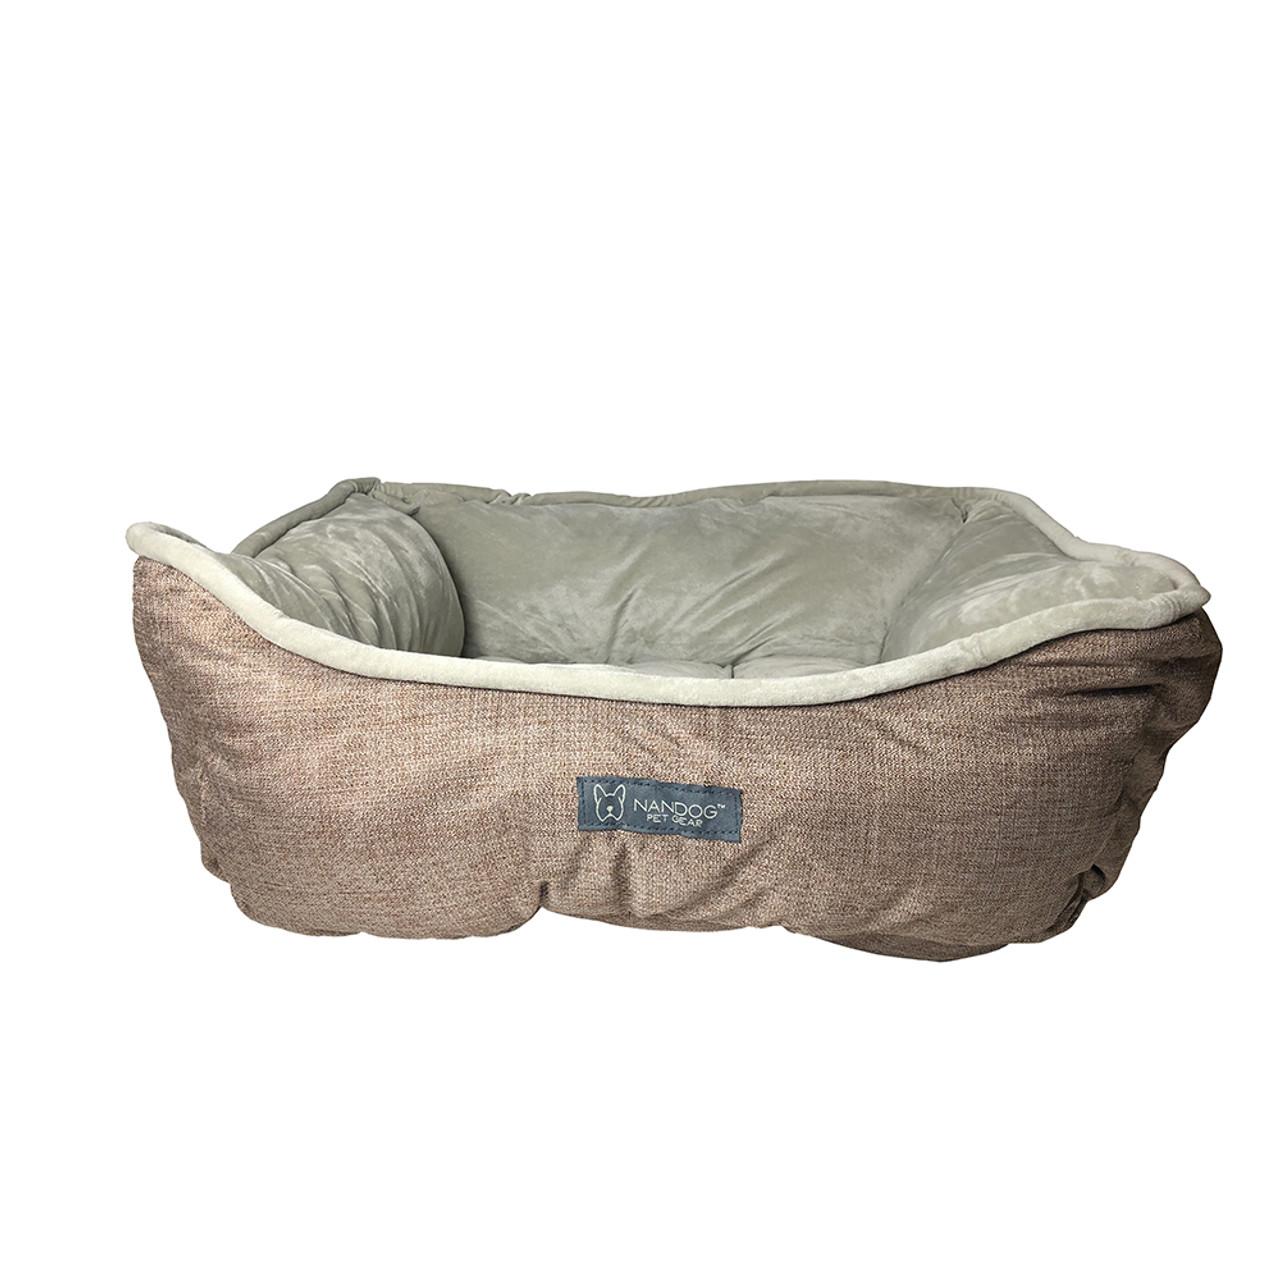 Nandog Microplush Dog Bed